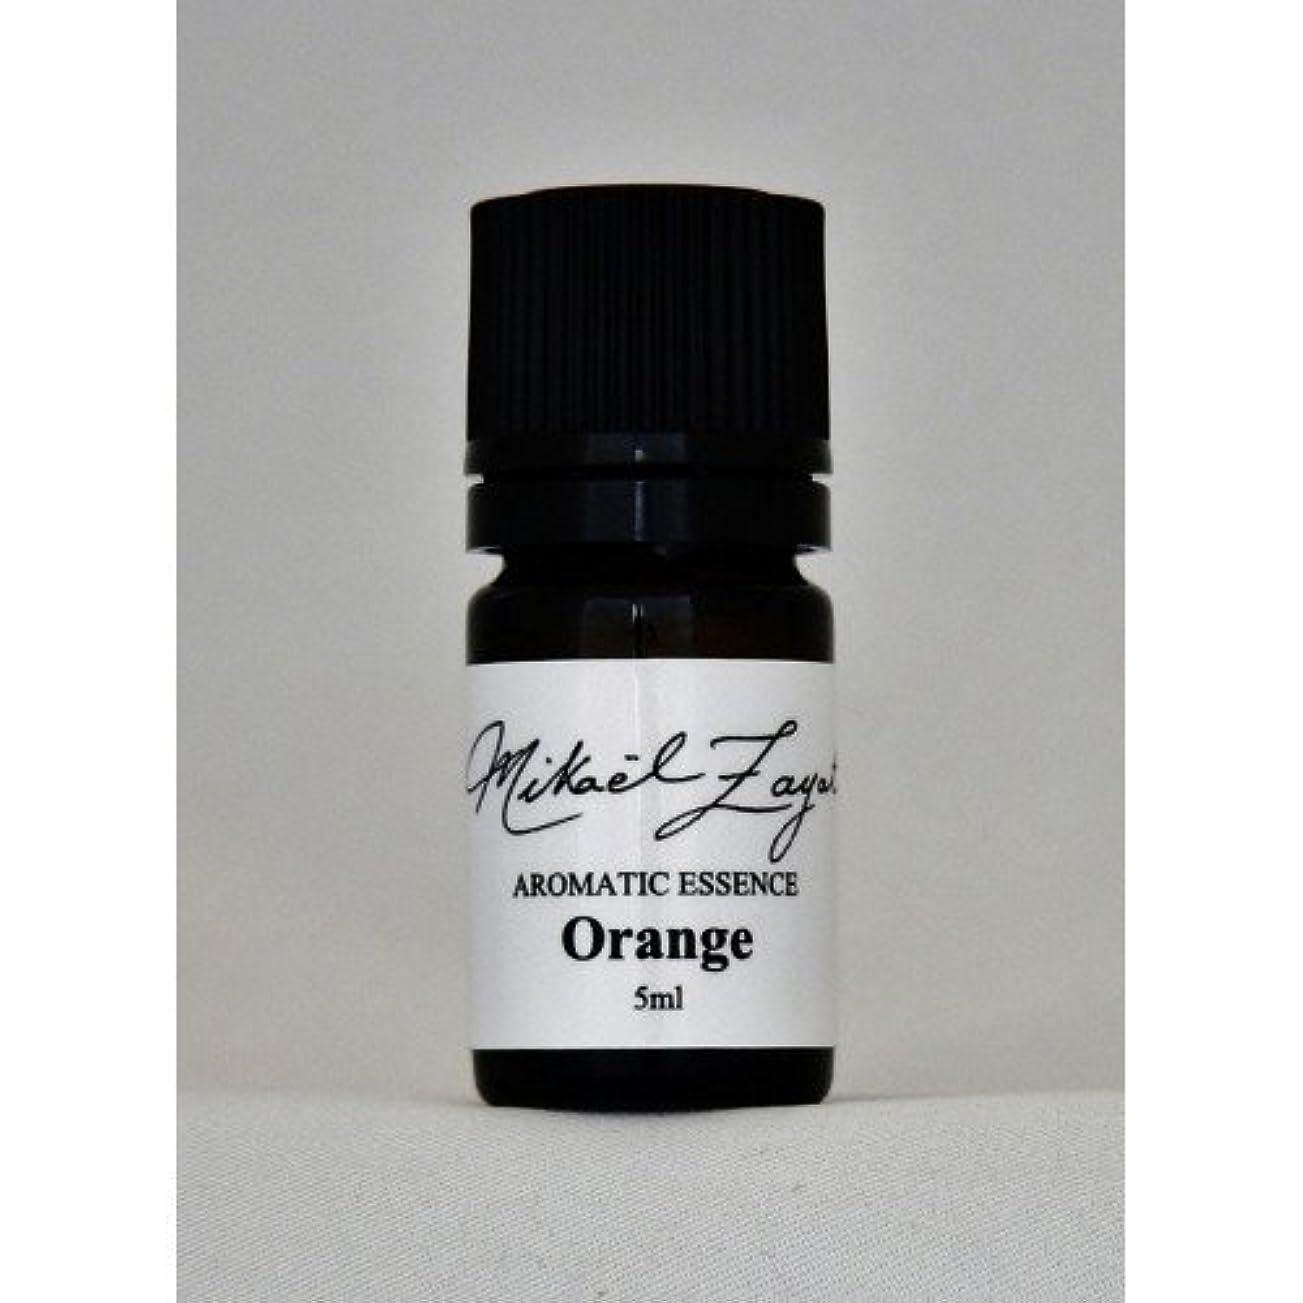 ハーブ急性コショウミカエル?ザヤット アロマティックエッセンス オレンジ 10ml Orange 10ml 日本国内正規品